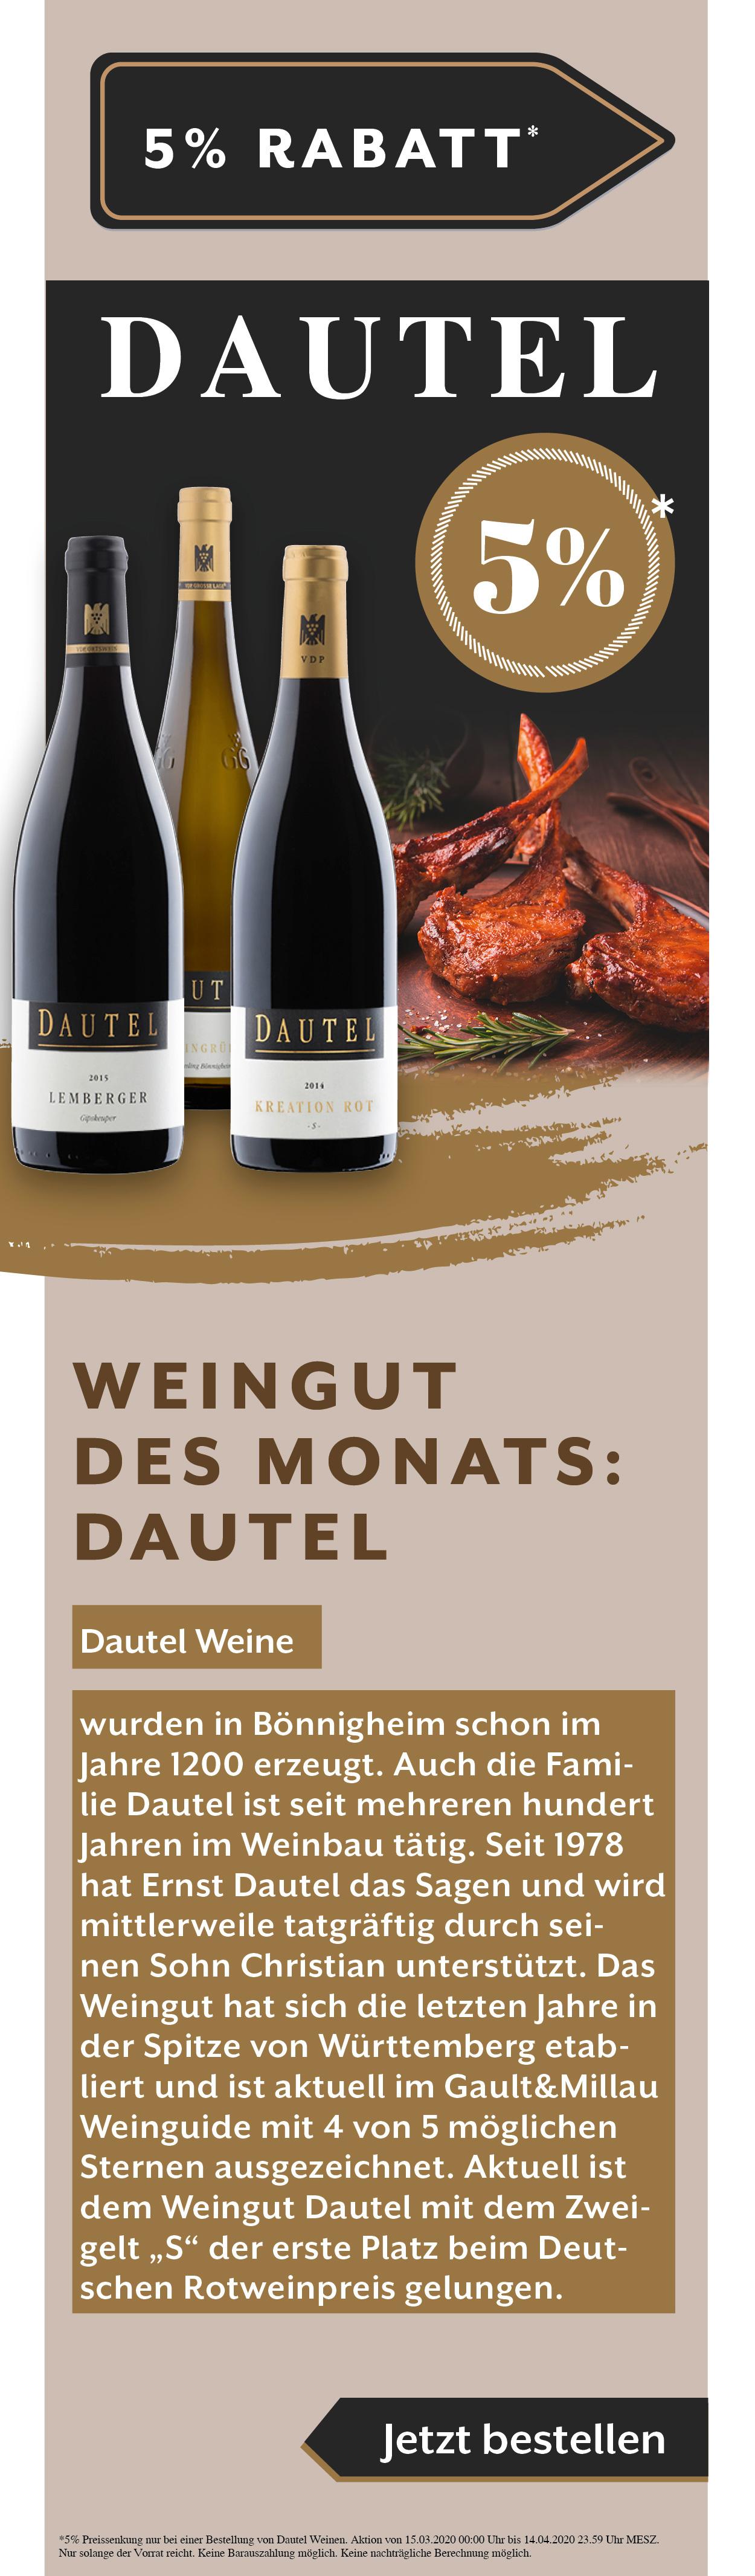 Dautel Rabatt Aktion Rotwein Weißwein